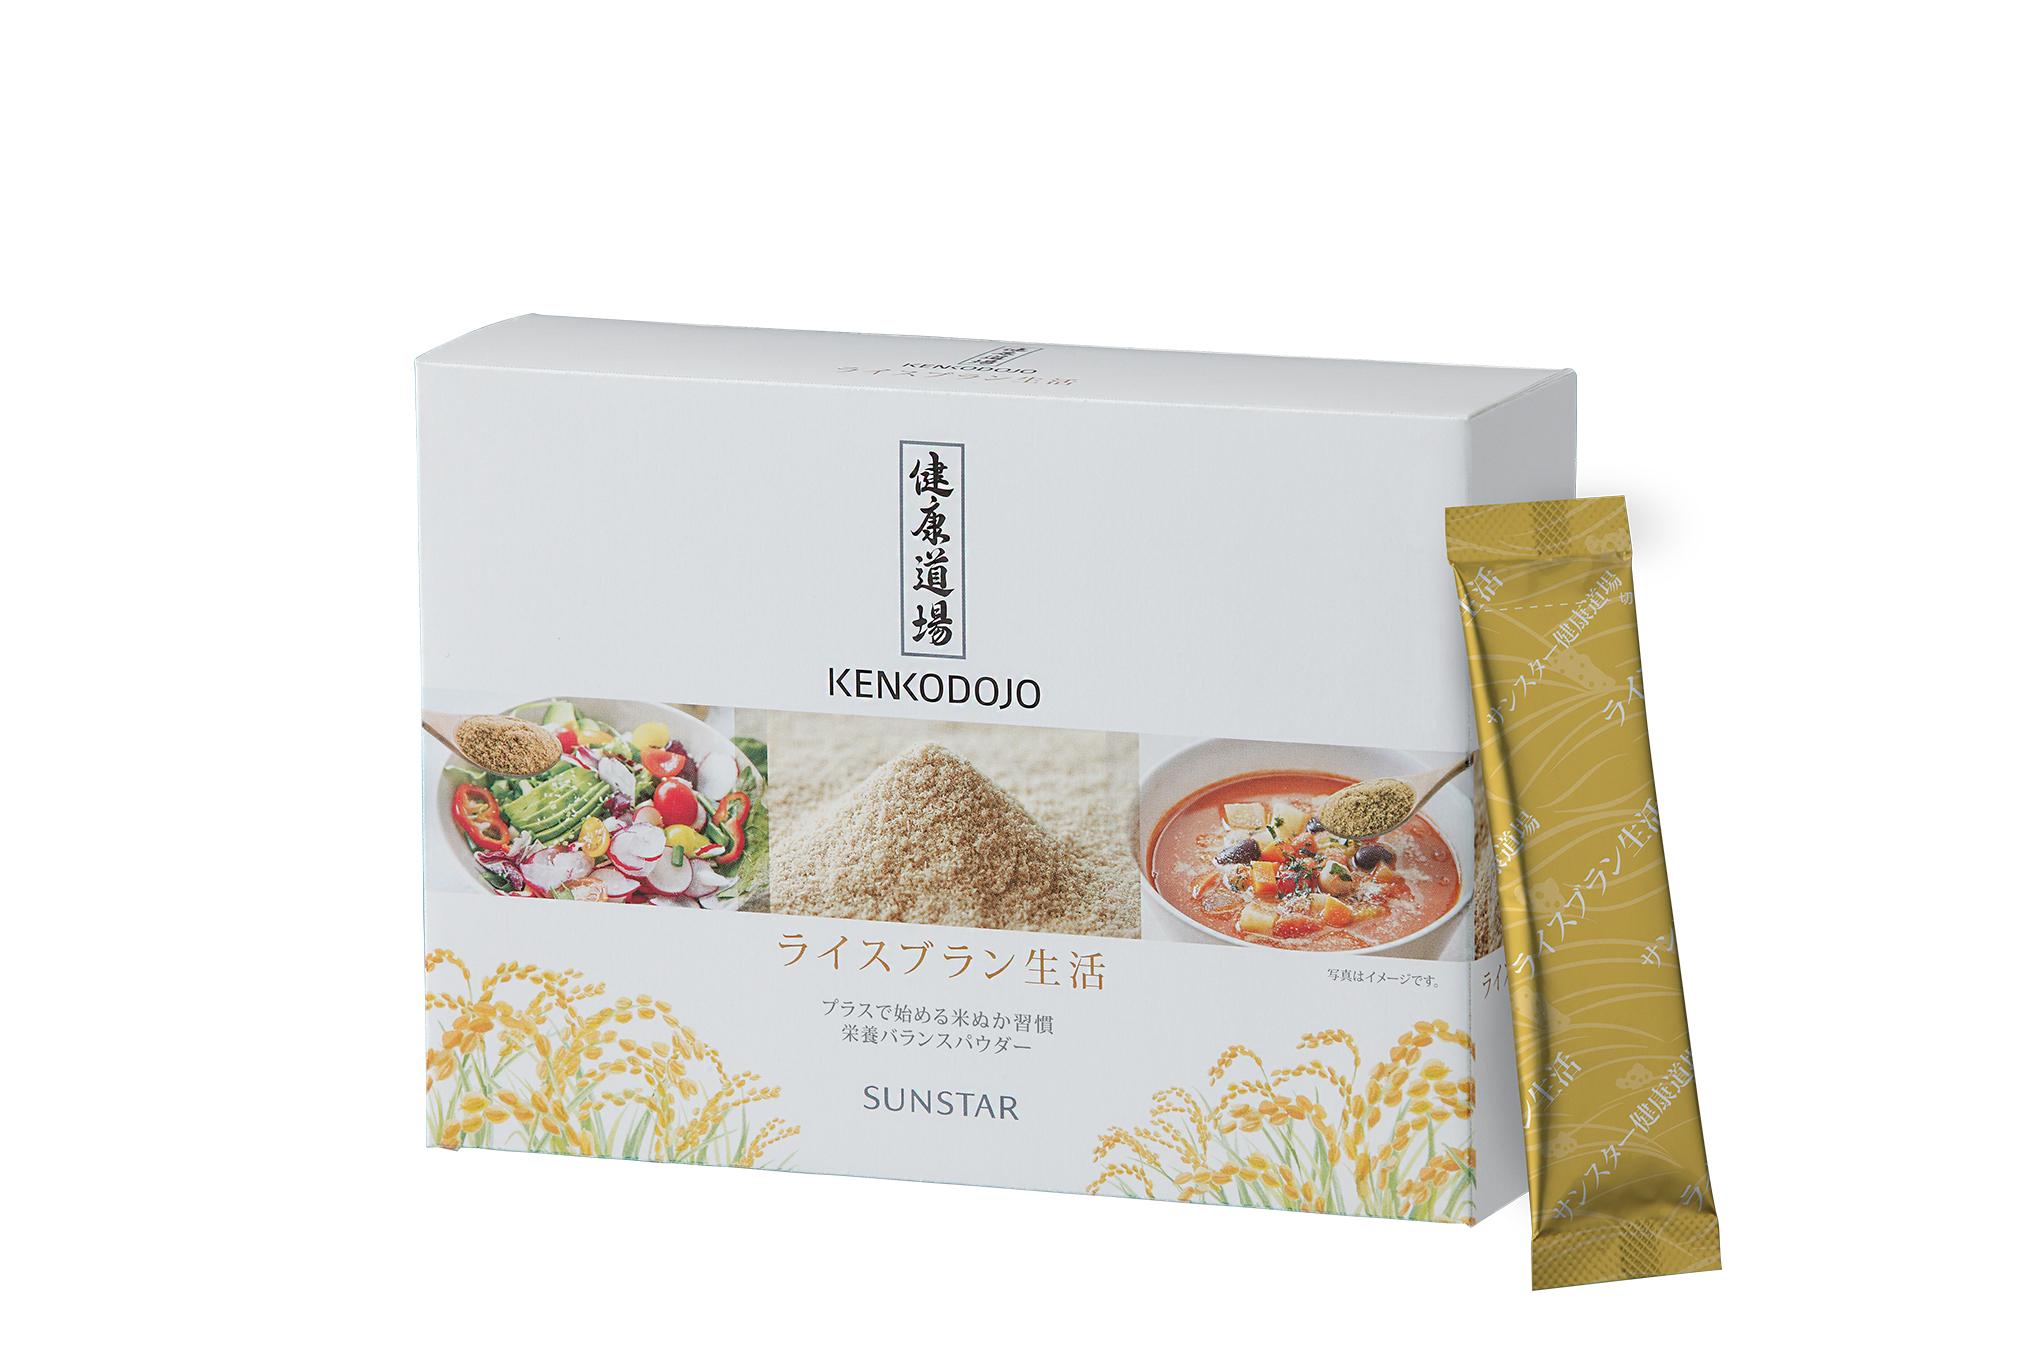 <sub>~日本のスーパーフード、サステナビリティの観点からも今注目~</sub><br>栄養豊富な「米ぬか」を手軽に摂取できる サンスター「健康道場 ライスブラン生活」新発売